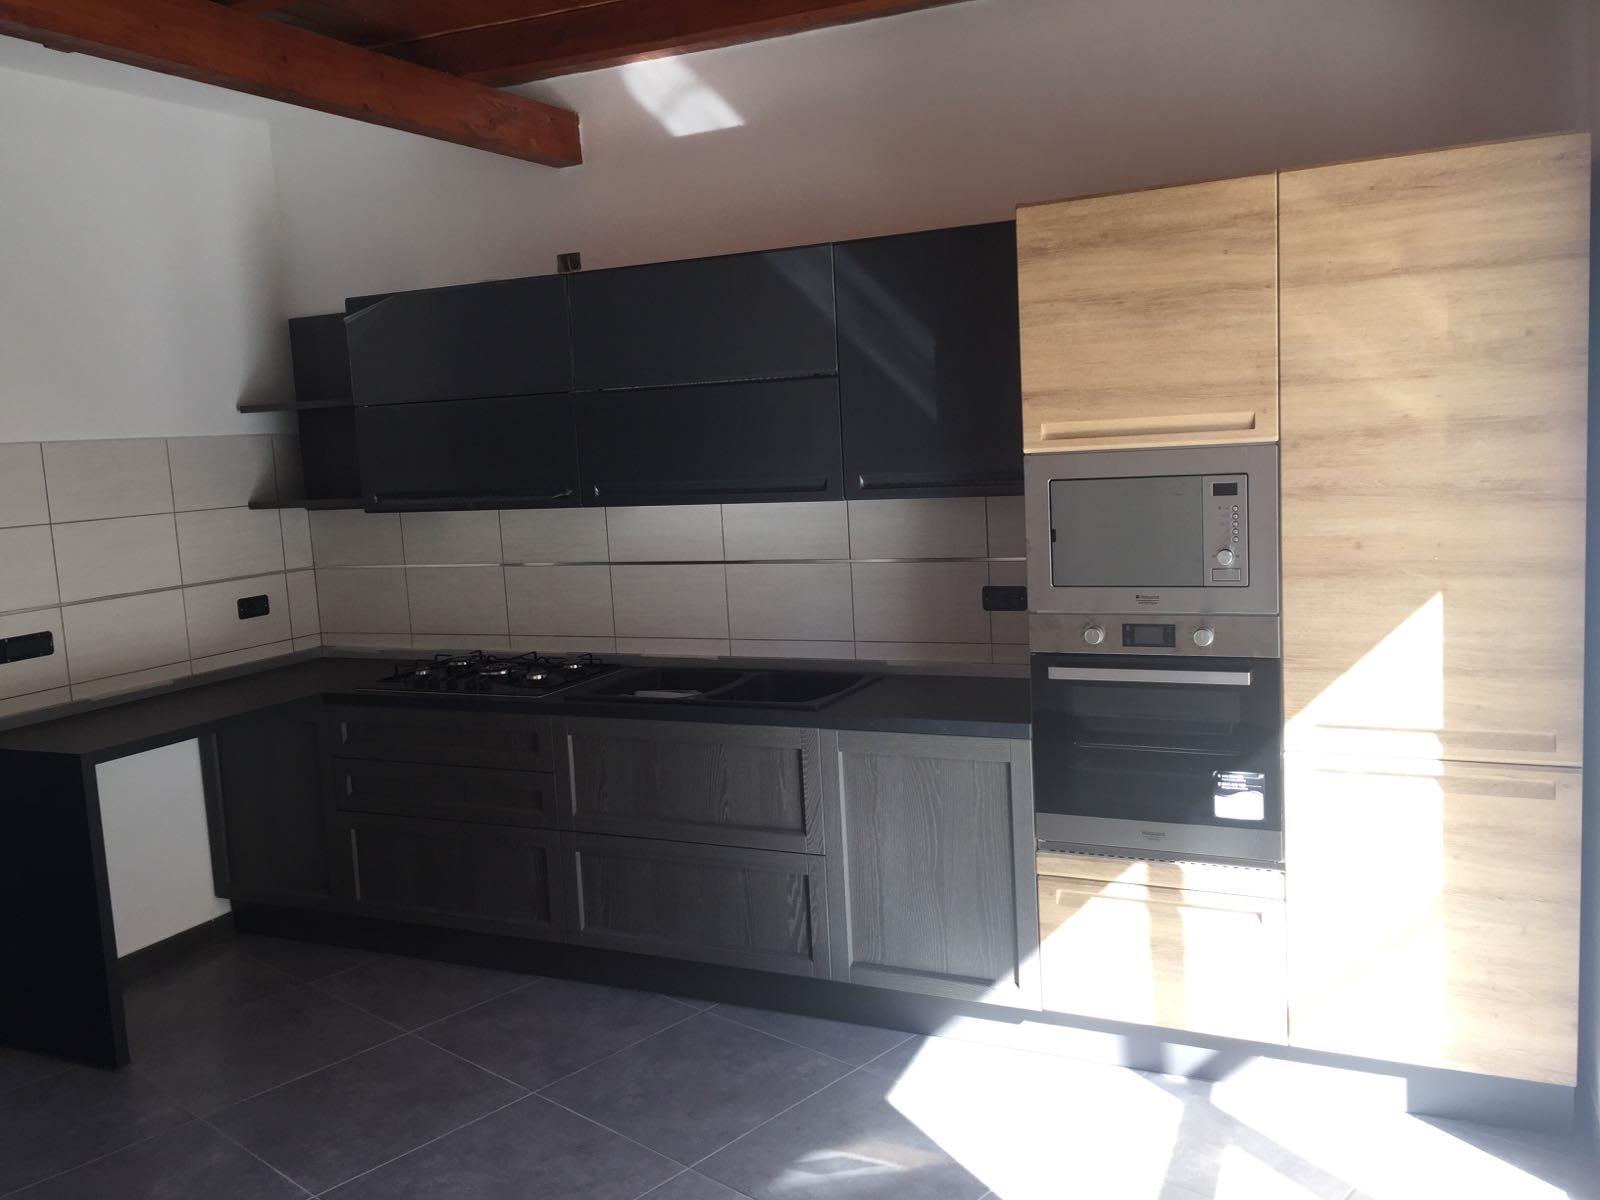 cucina moderna con piano penisola offerta outlet in essenza grigio e ...